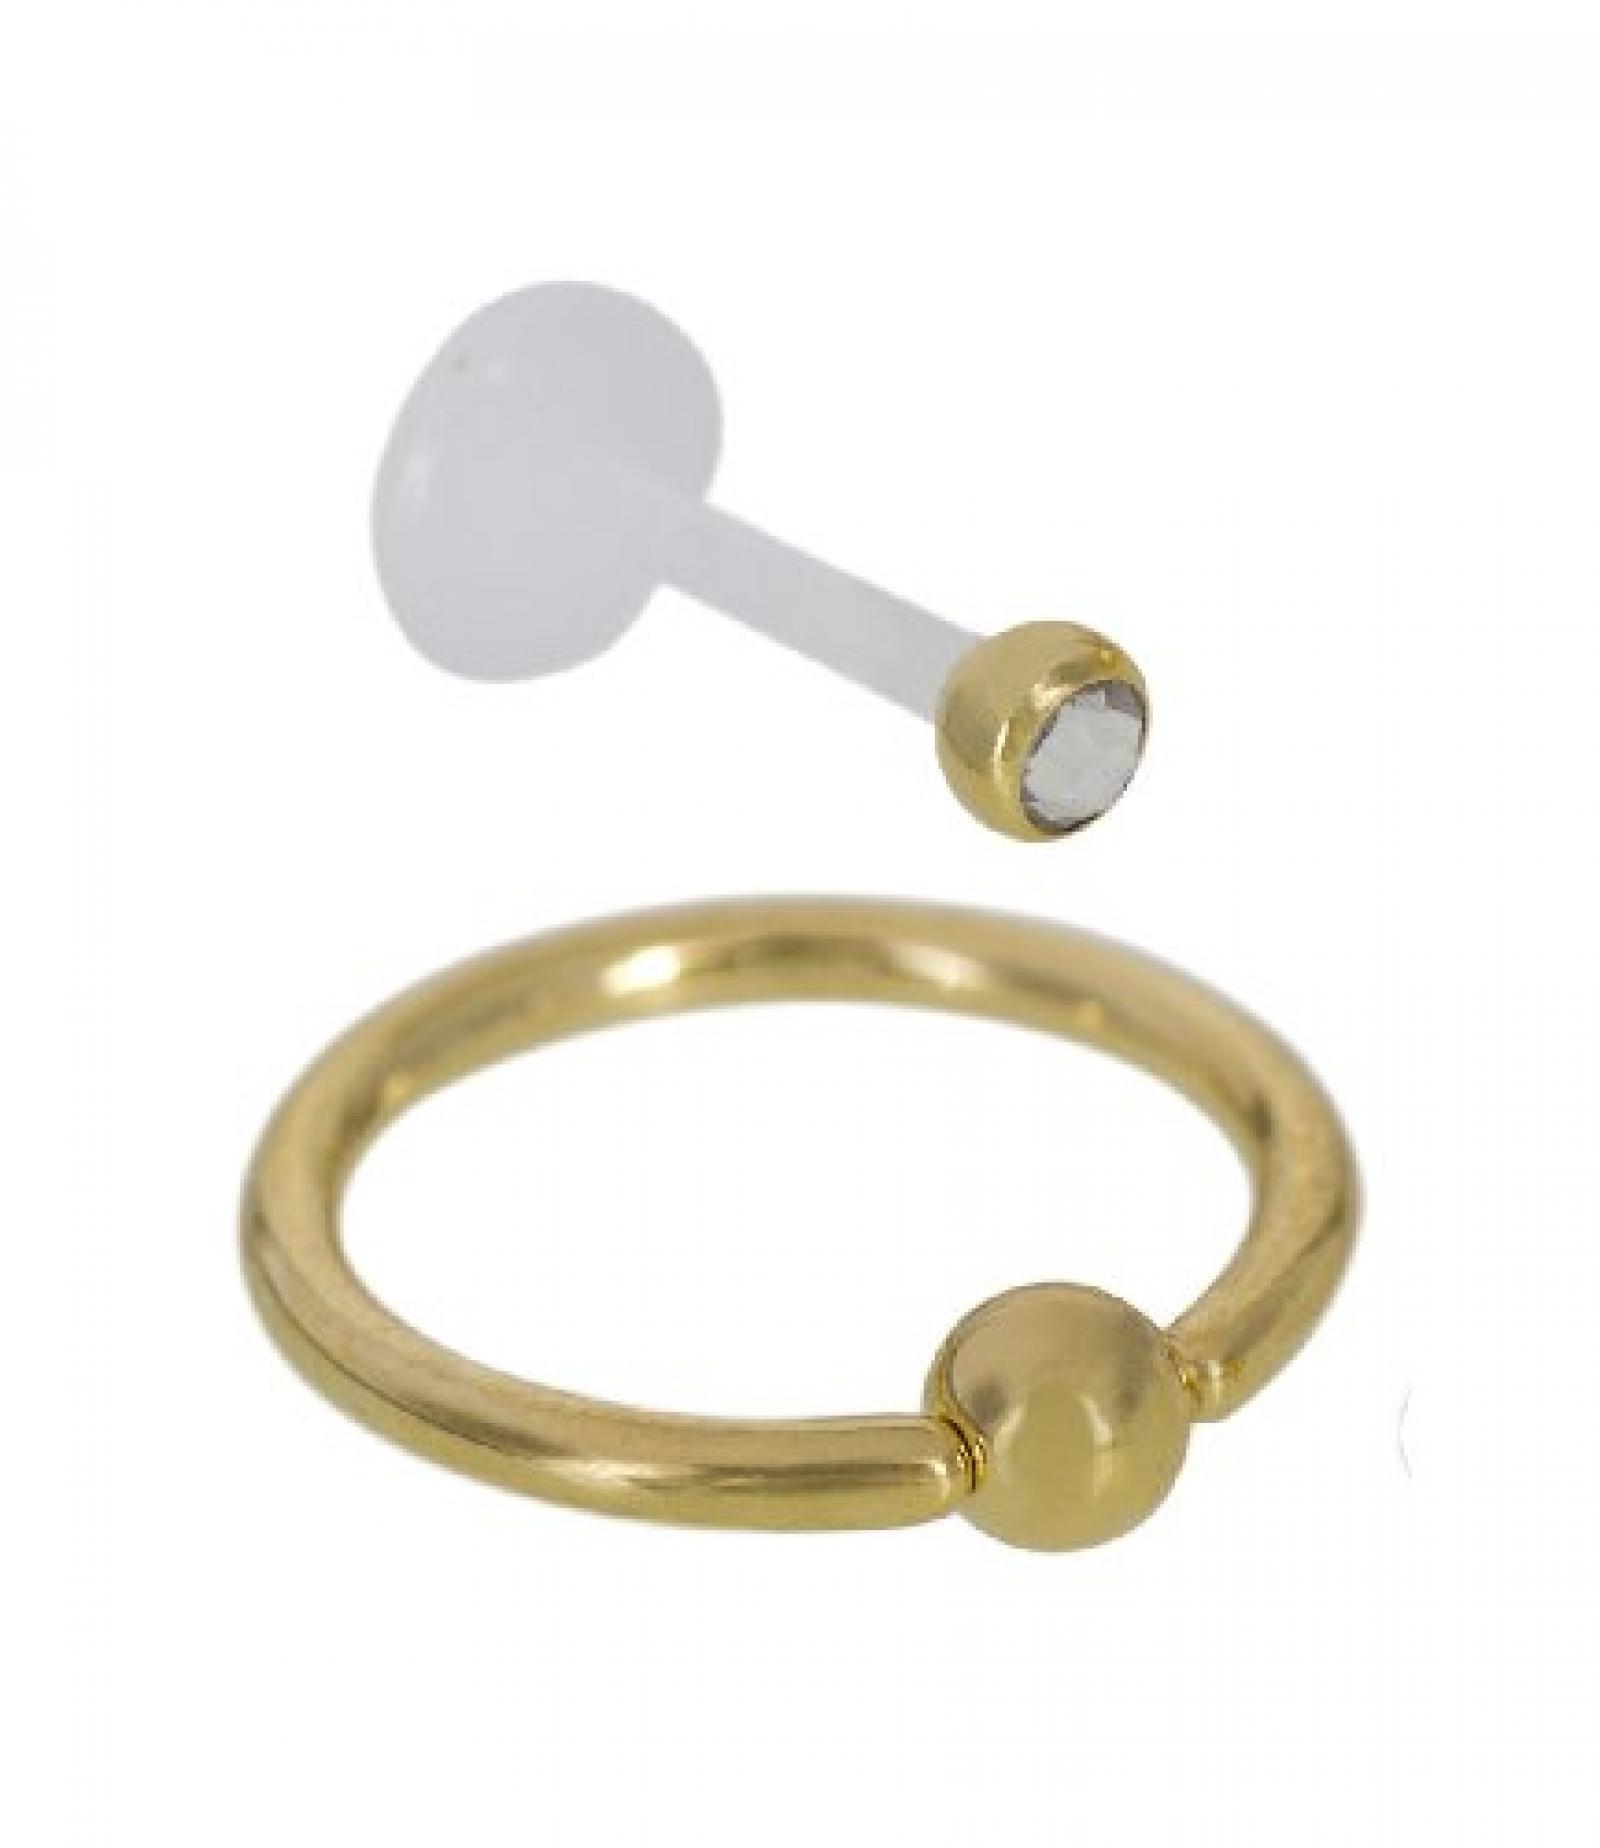 SIX 2er Set Lippenpiercings mit goldenem Ring und Strass-Stecker (269-325)